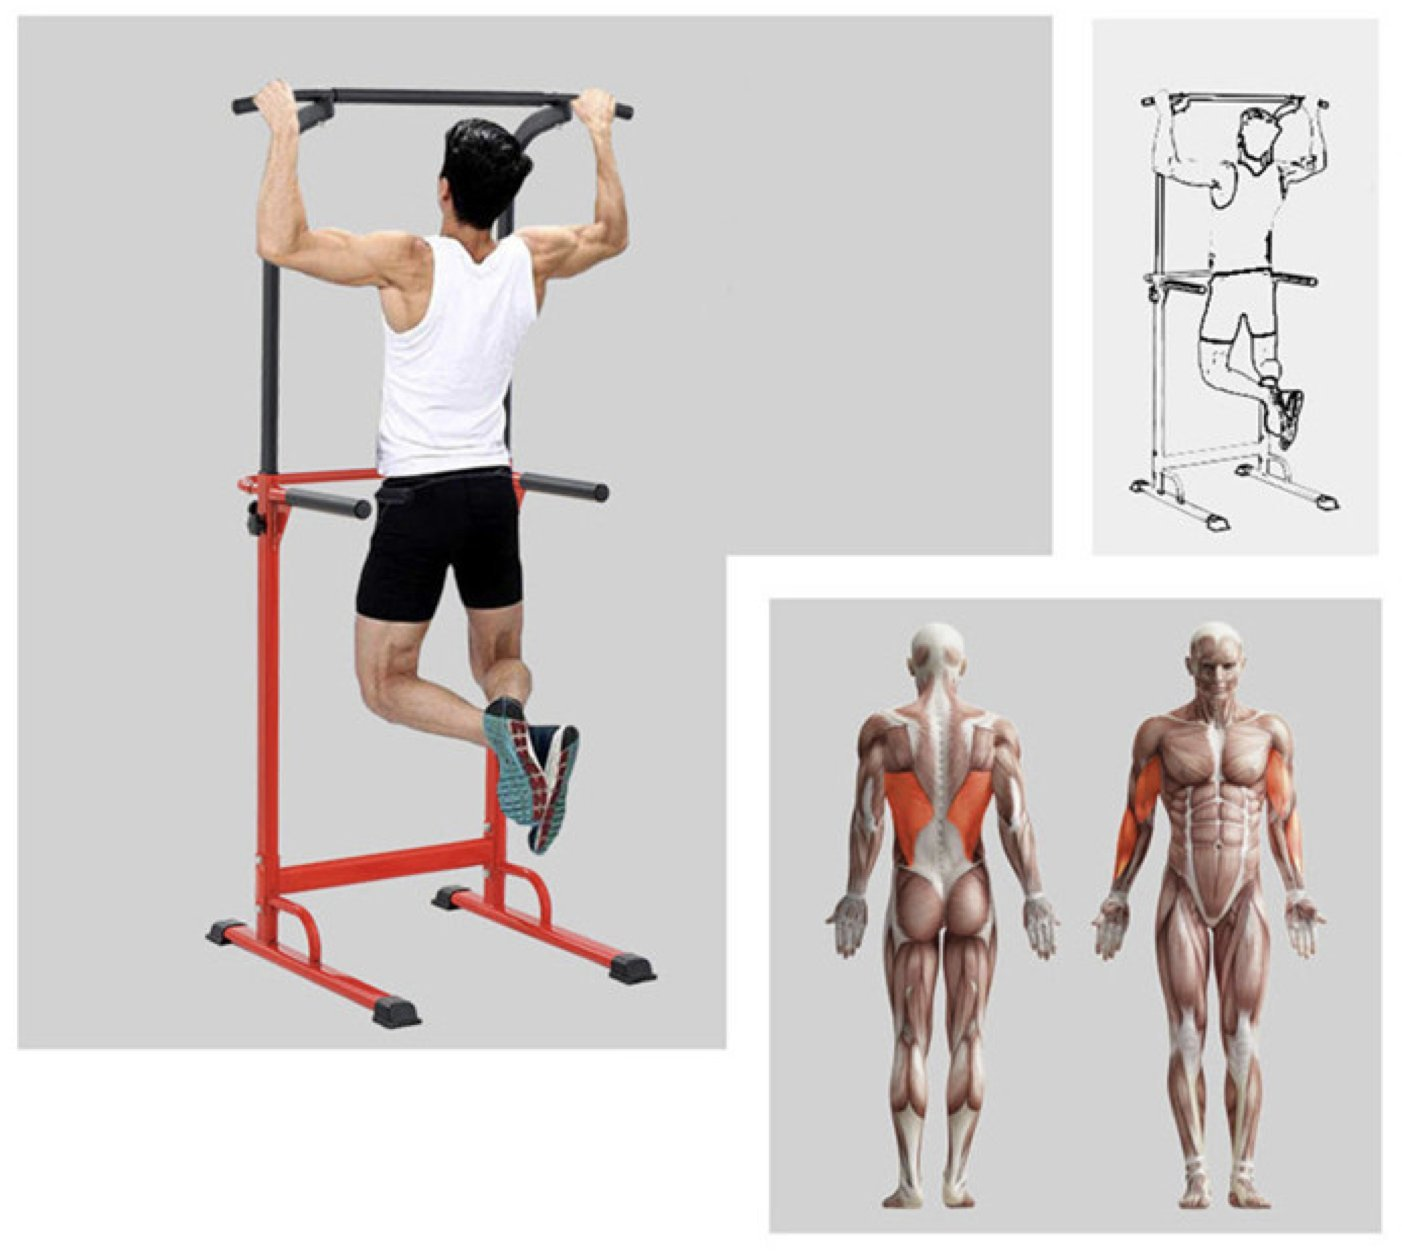 Barra de tracción o estación musculación ajustable